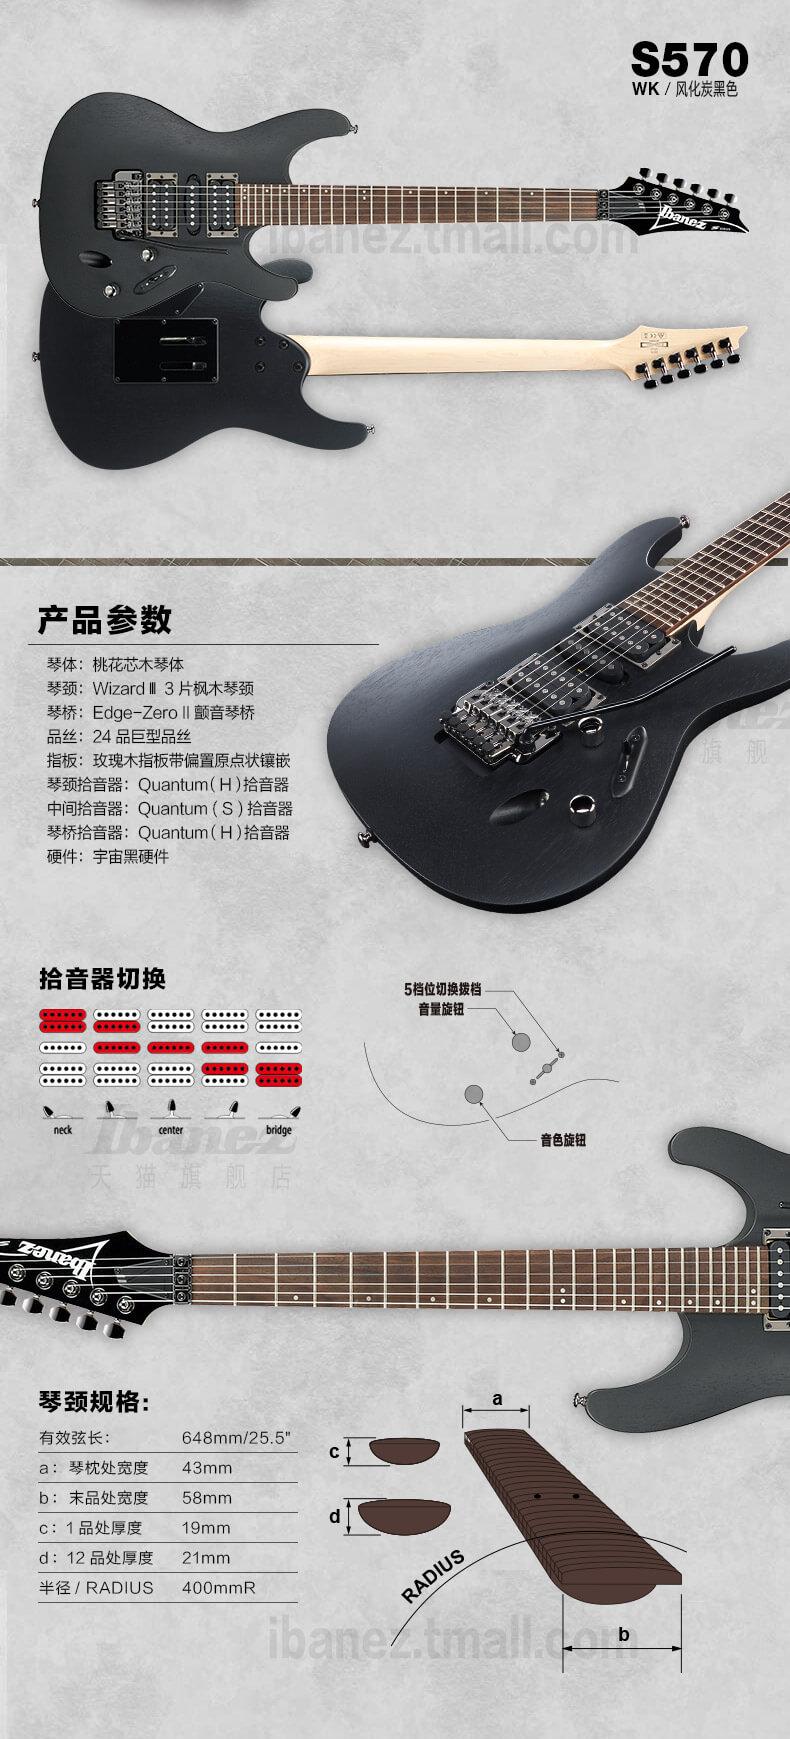 Ibanez官方旗舰店 爱宾斯 依班娜 S570电吉他 超薄琴体双单双拾音 06